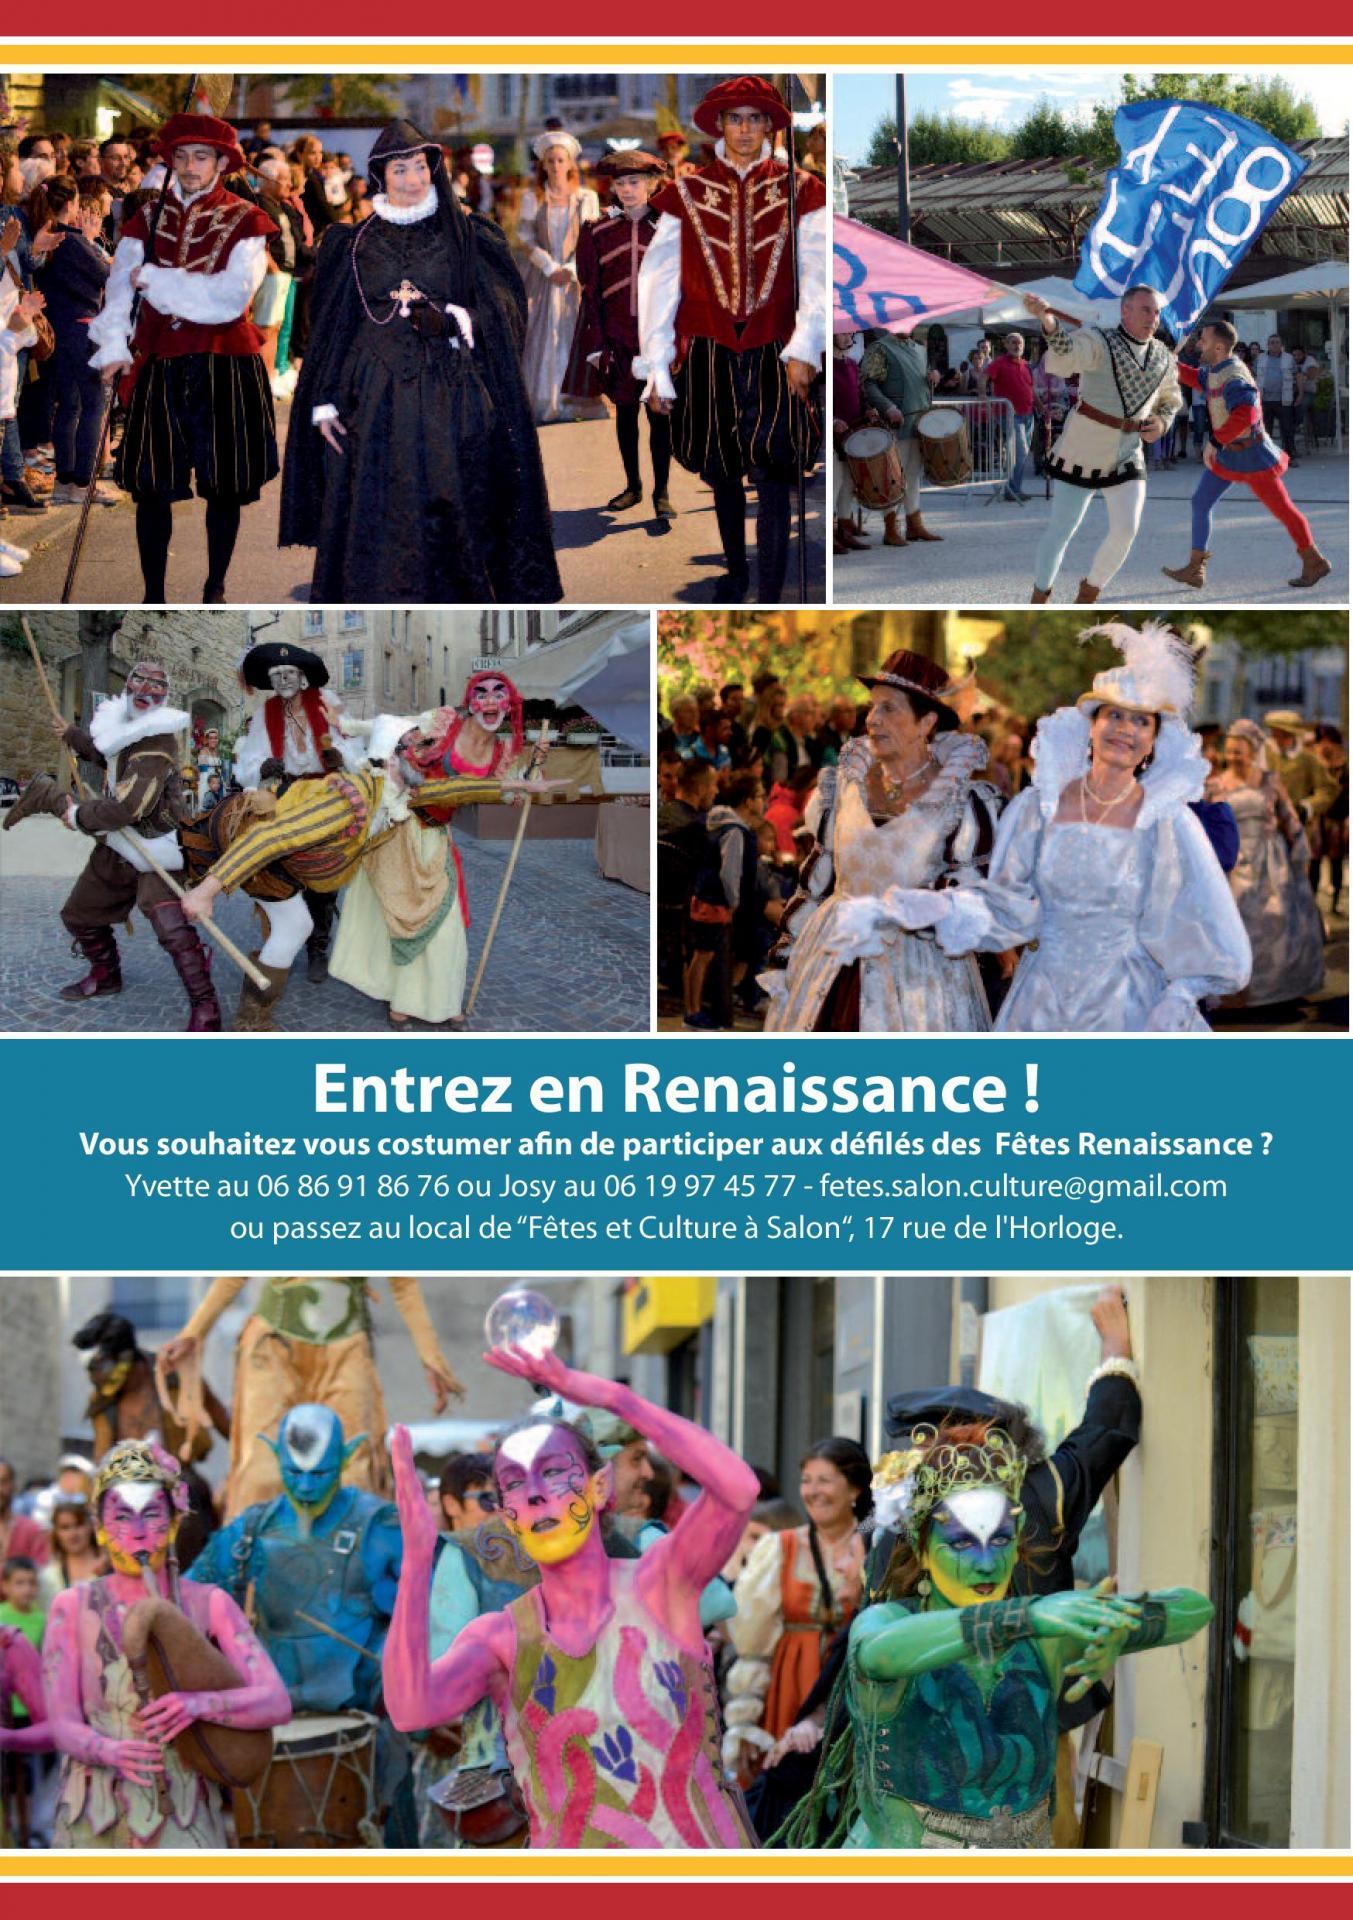 fete Renaissance 2018-page-012